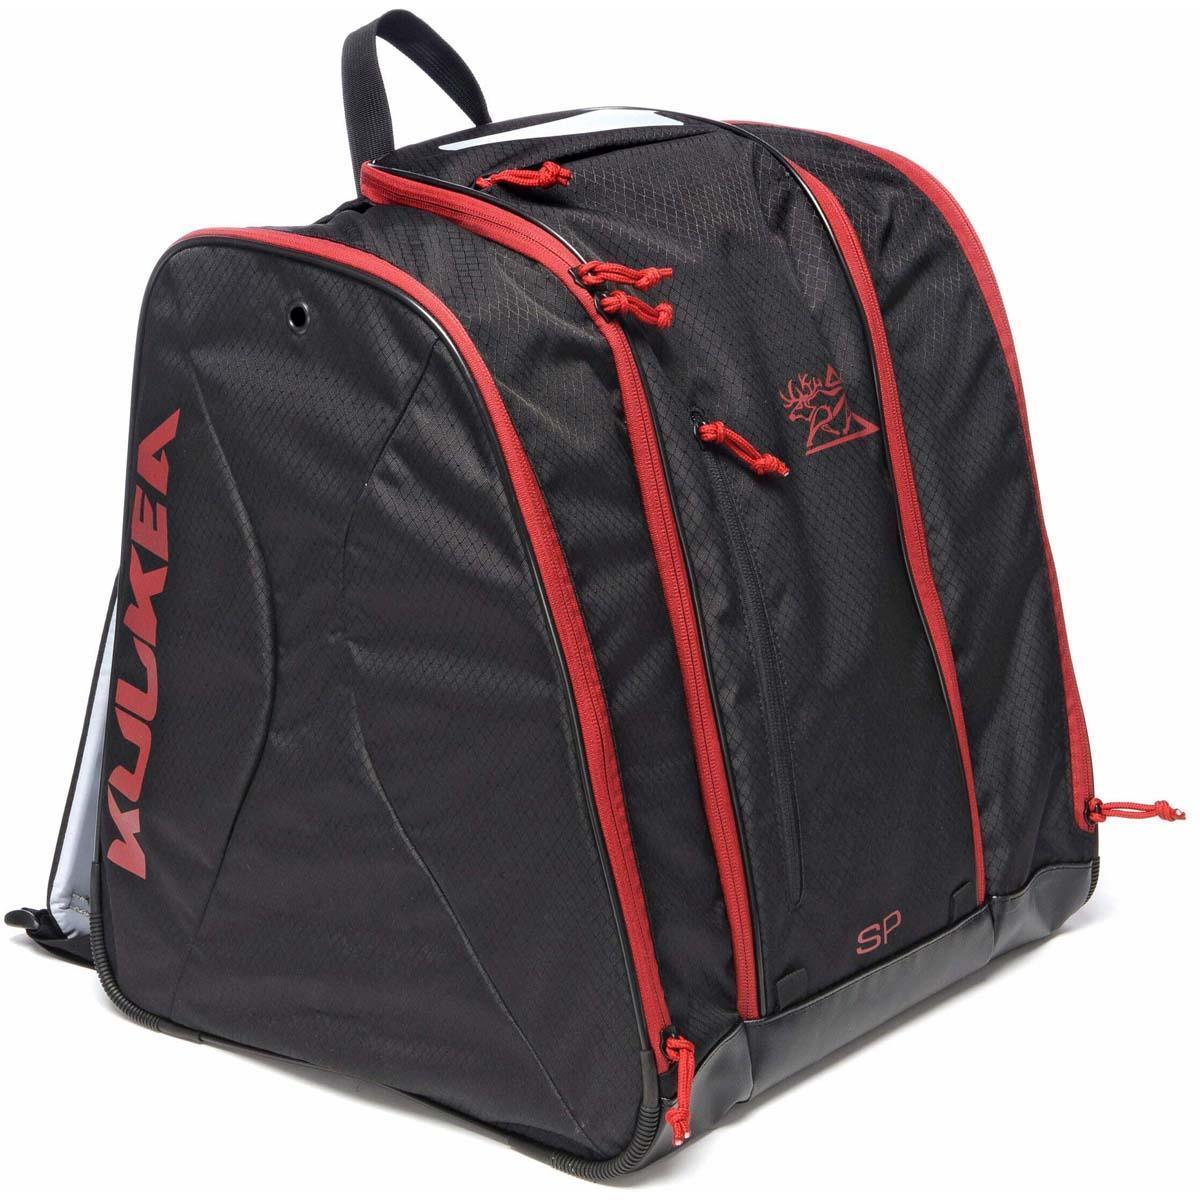 0f30faacb5b2 Kulkea Speed Pack Ski Boot Bag. Loading zoom